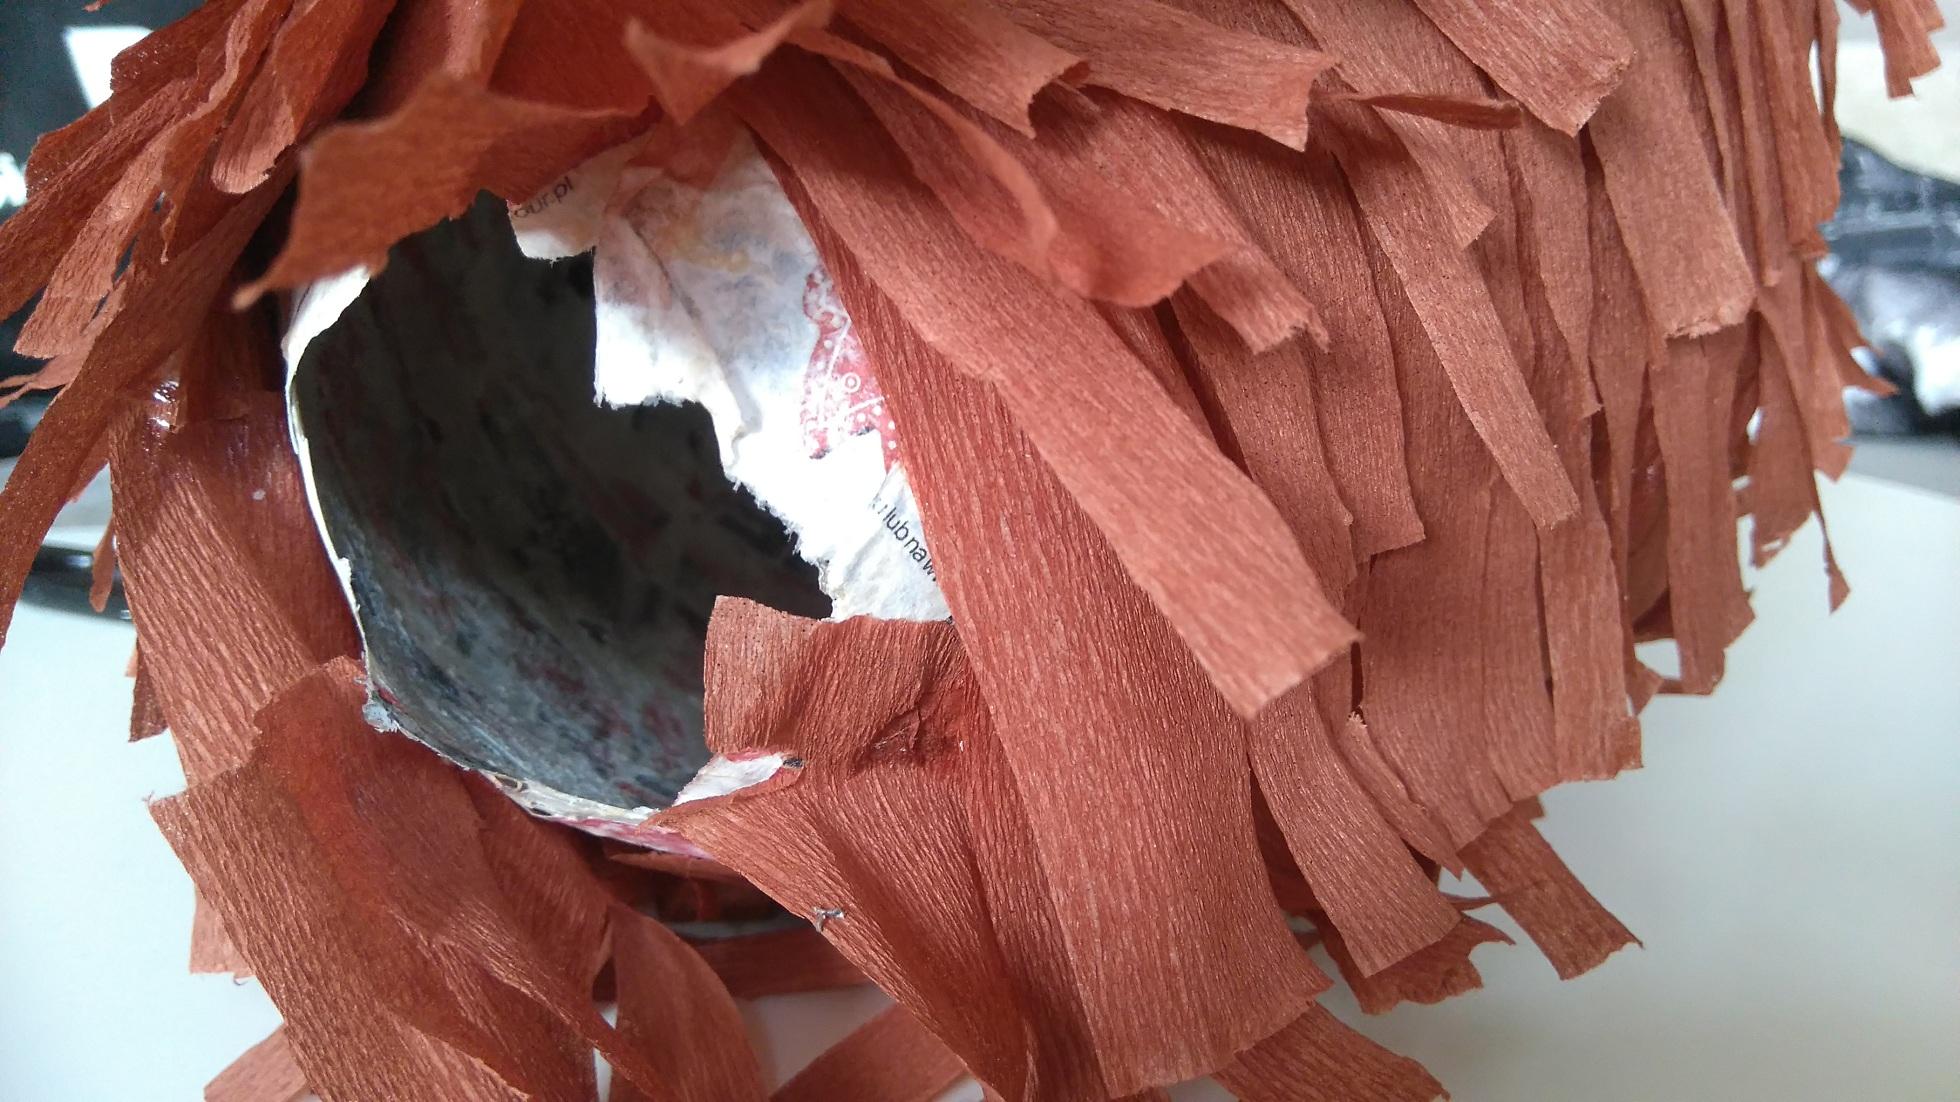 piniata z brązowymi frędzelkami z bibuły, widoczny otwór w piniacie